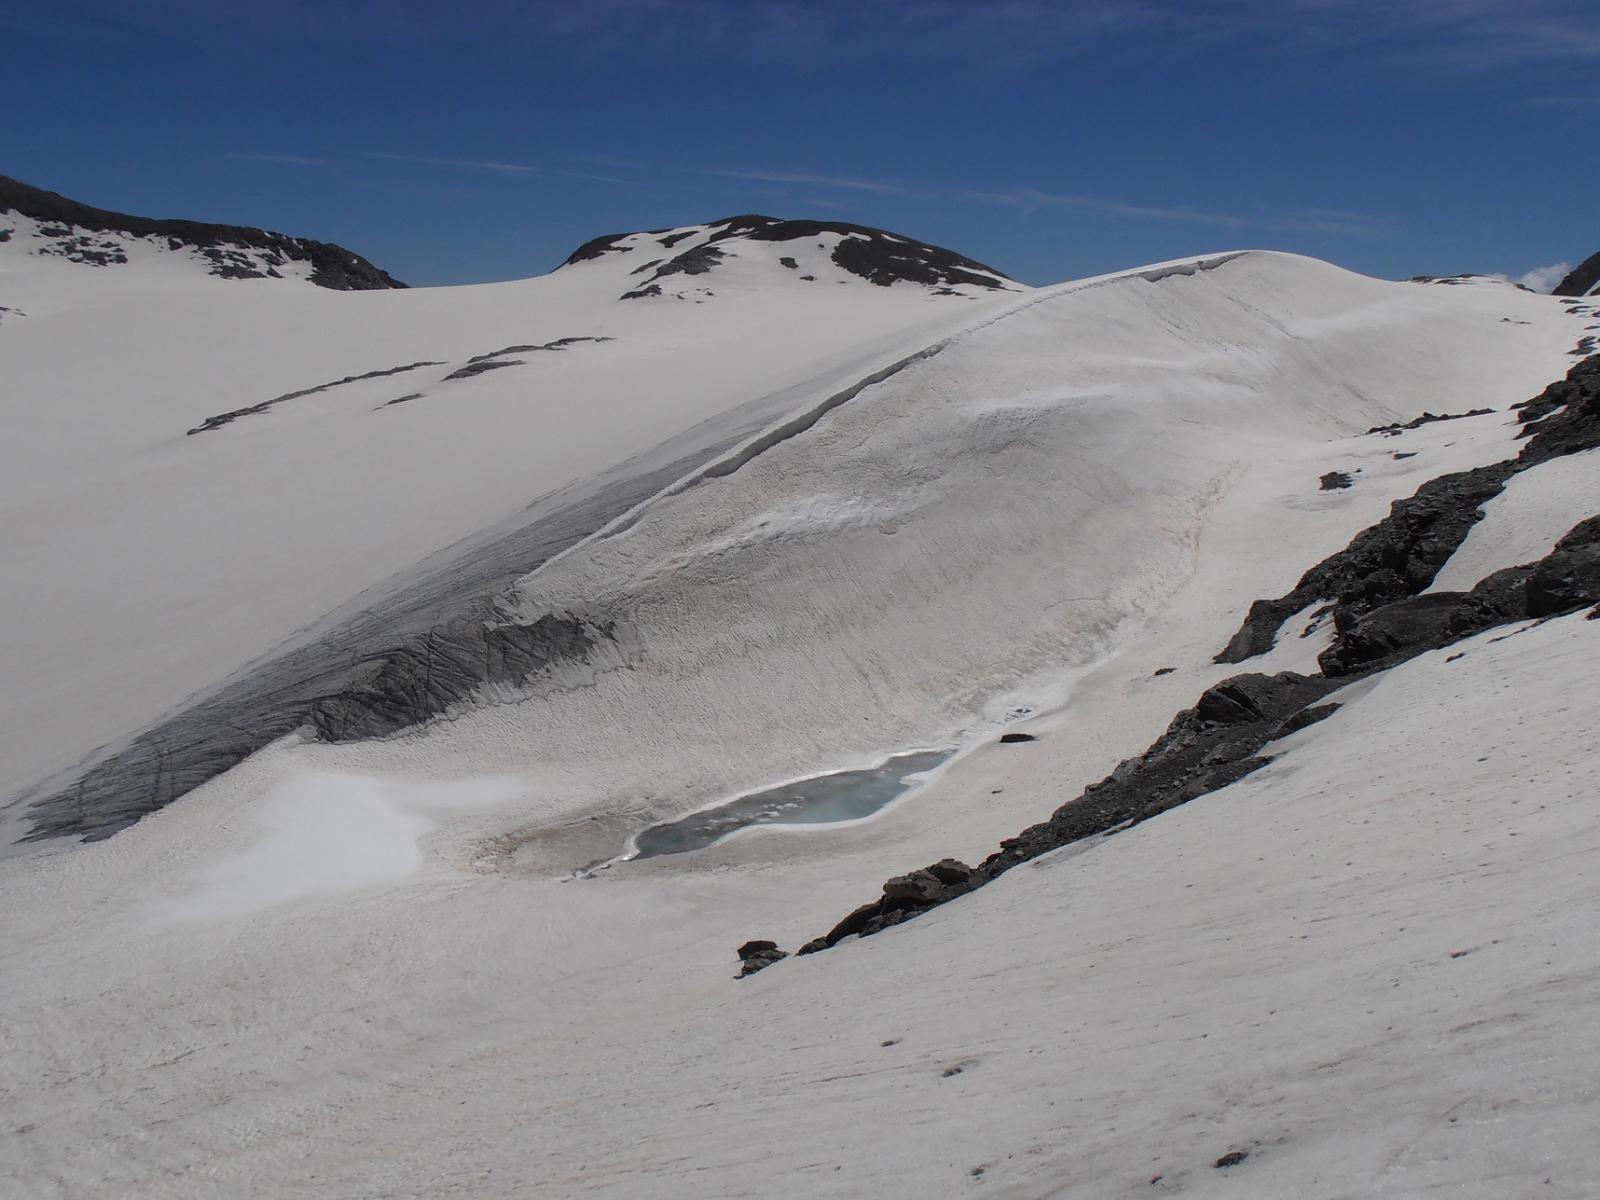 08 - inizia ad affiorare ghiaccio soltanto nella parte finale dell'ex-lago